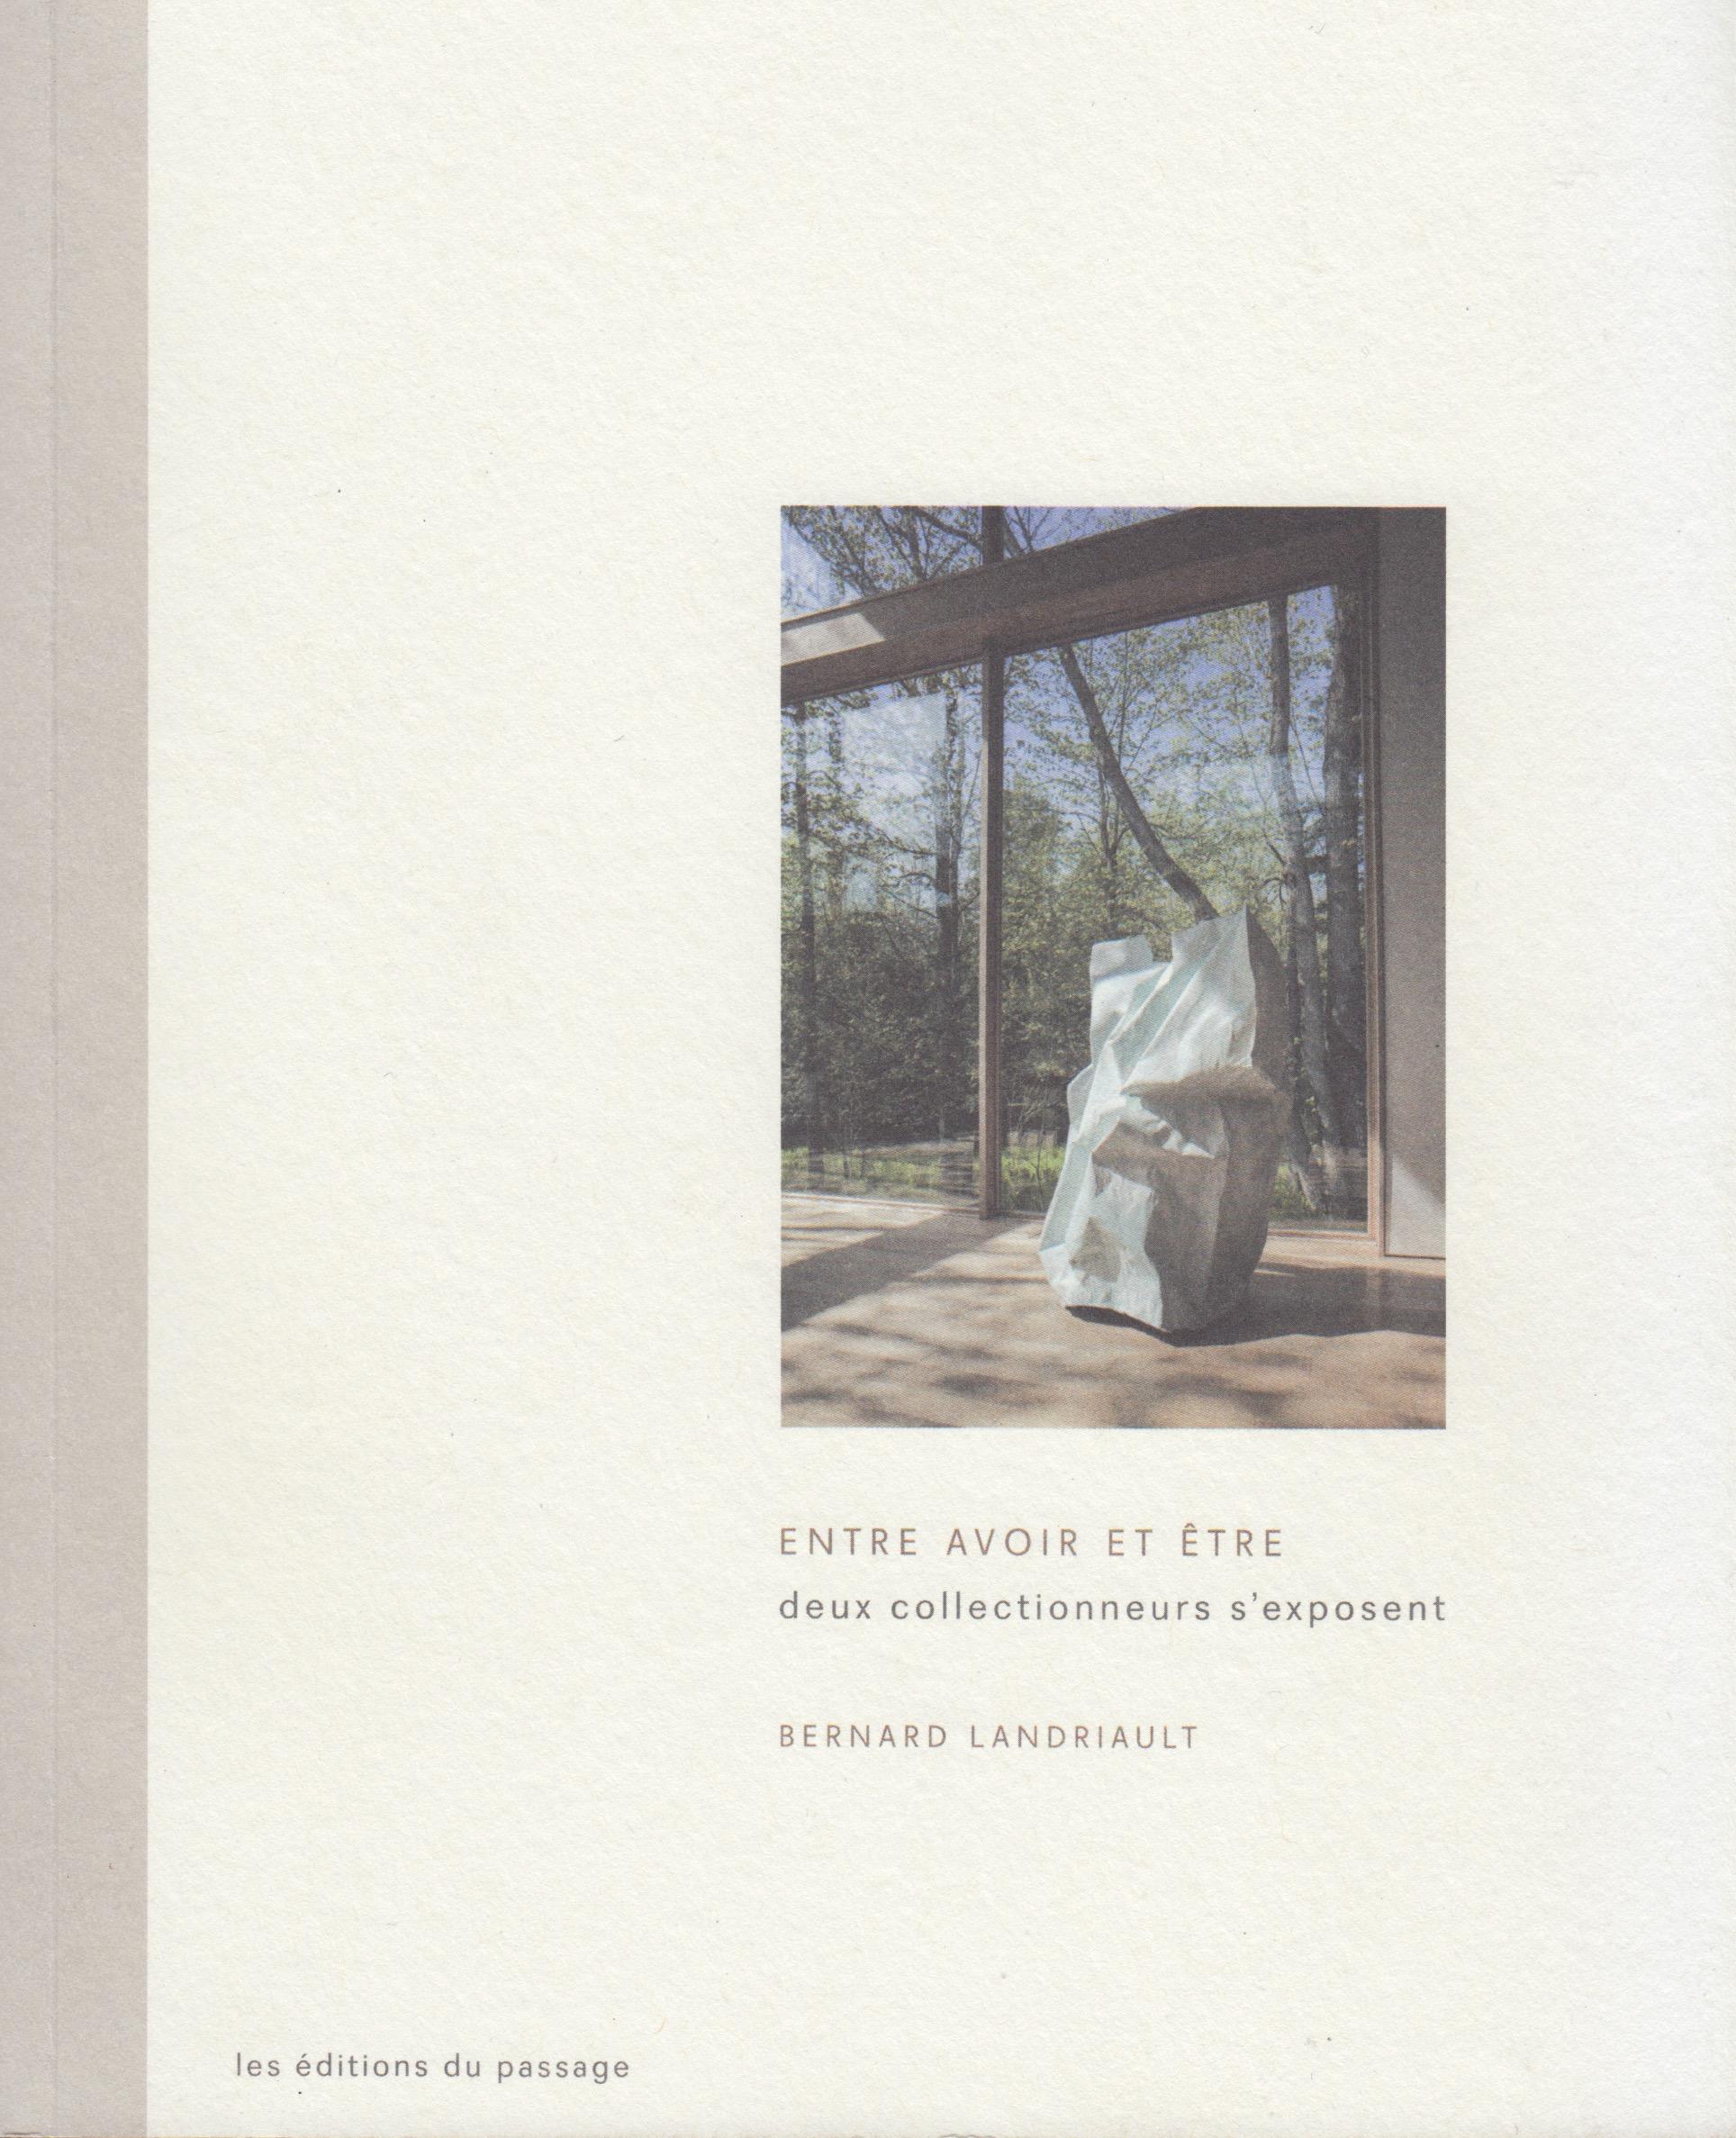 Entre avoir et être, deux collectionneurs s'exposent, Bernard Landriault, 2013